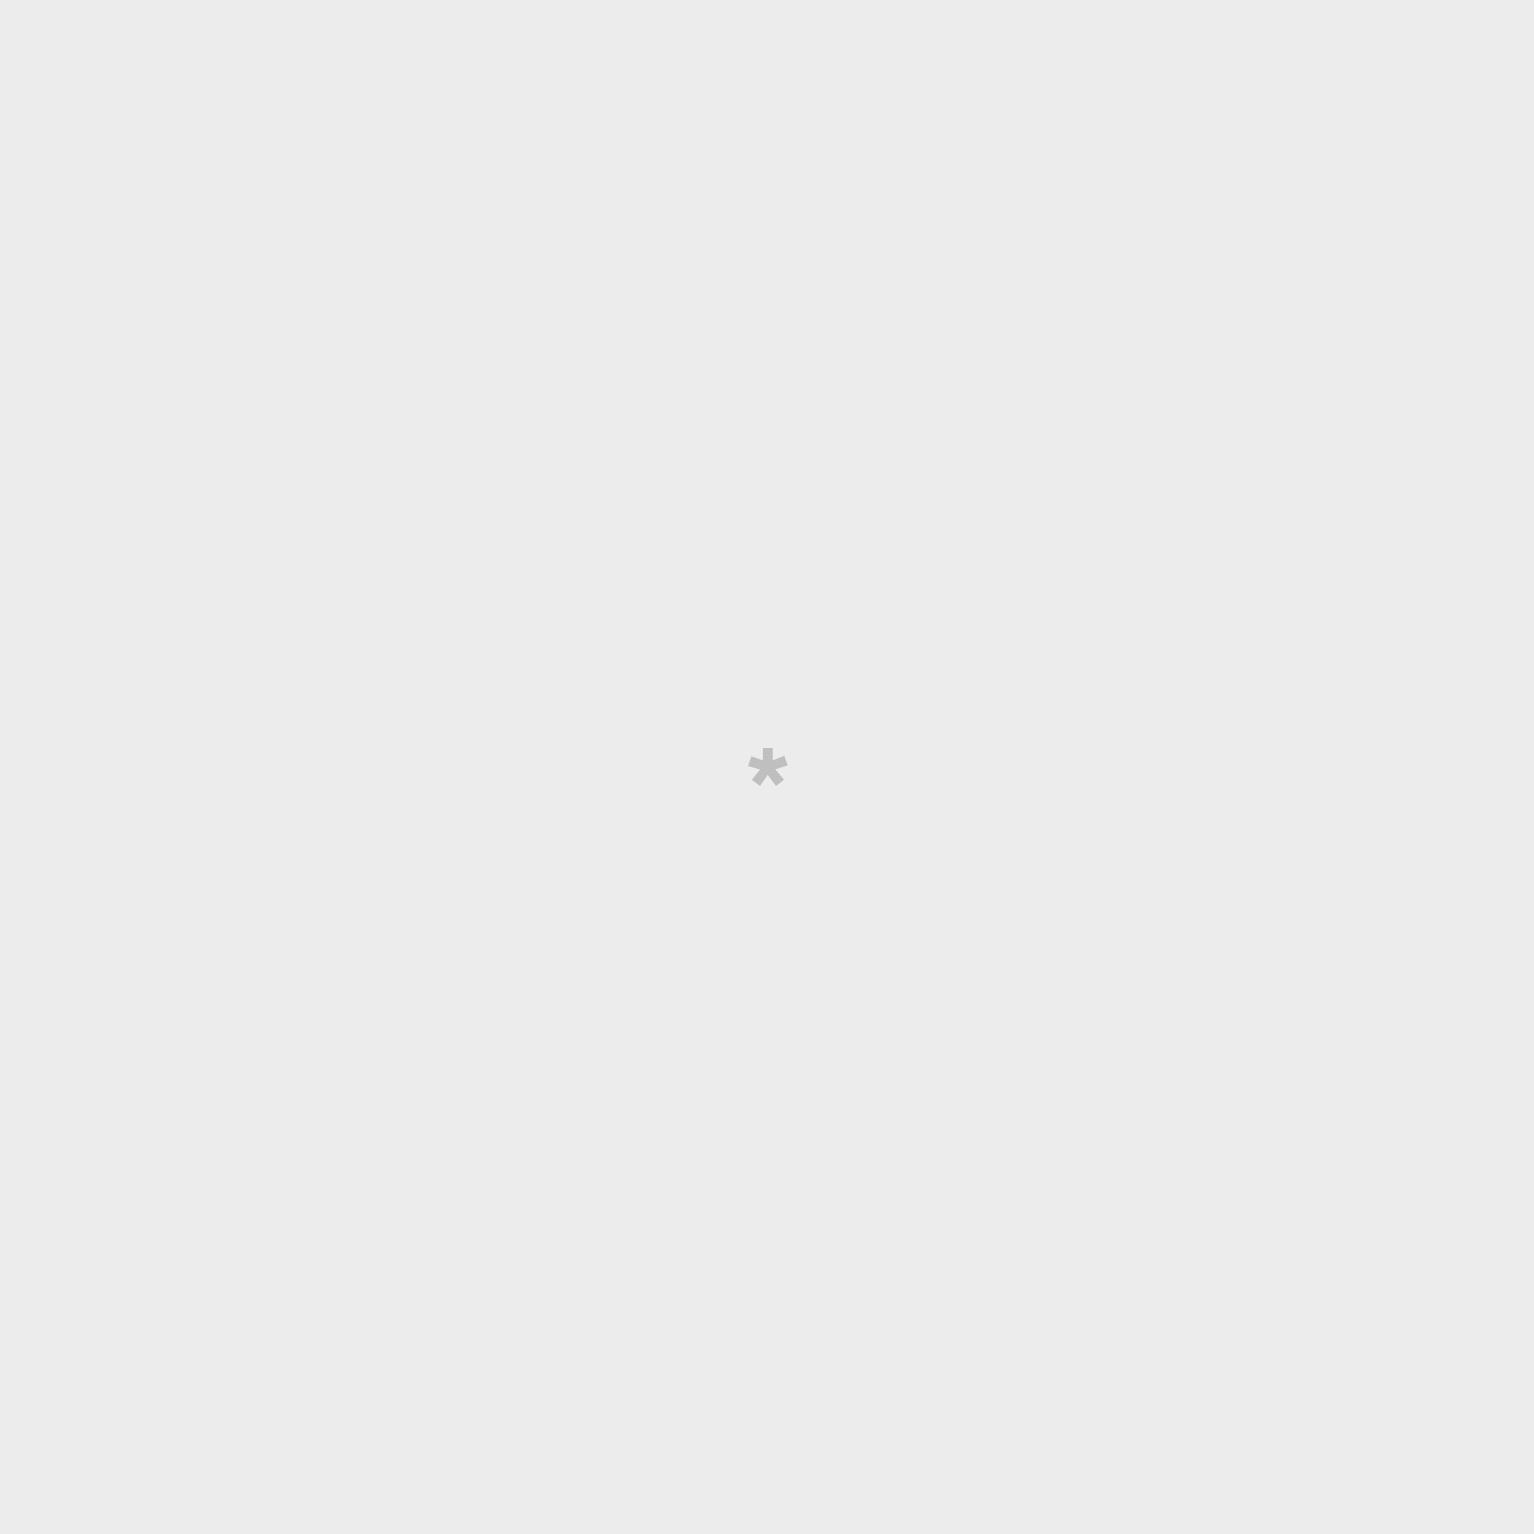 Paraguas grande transparente - Aquí debajo siempre  brilla el sol